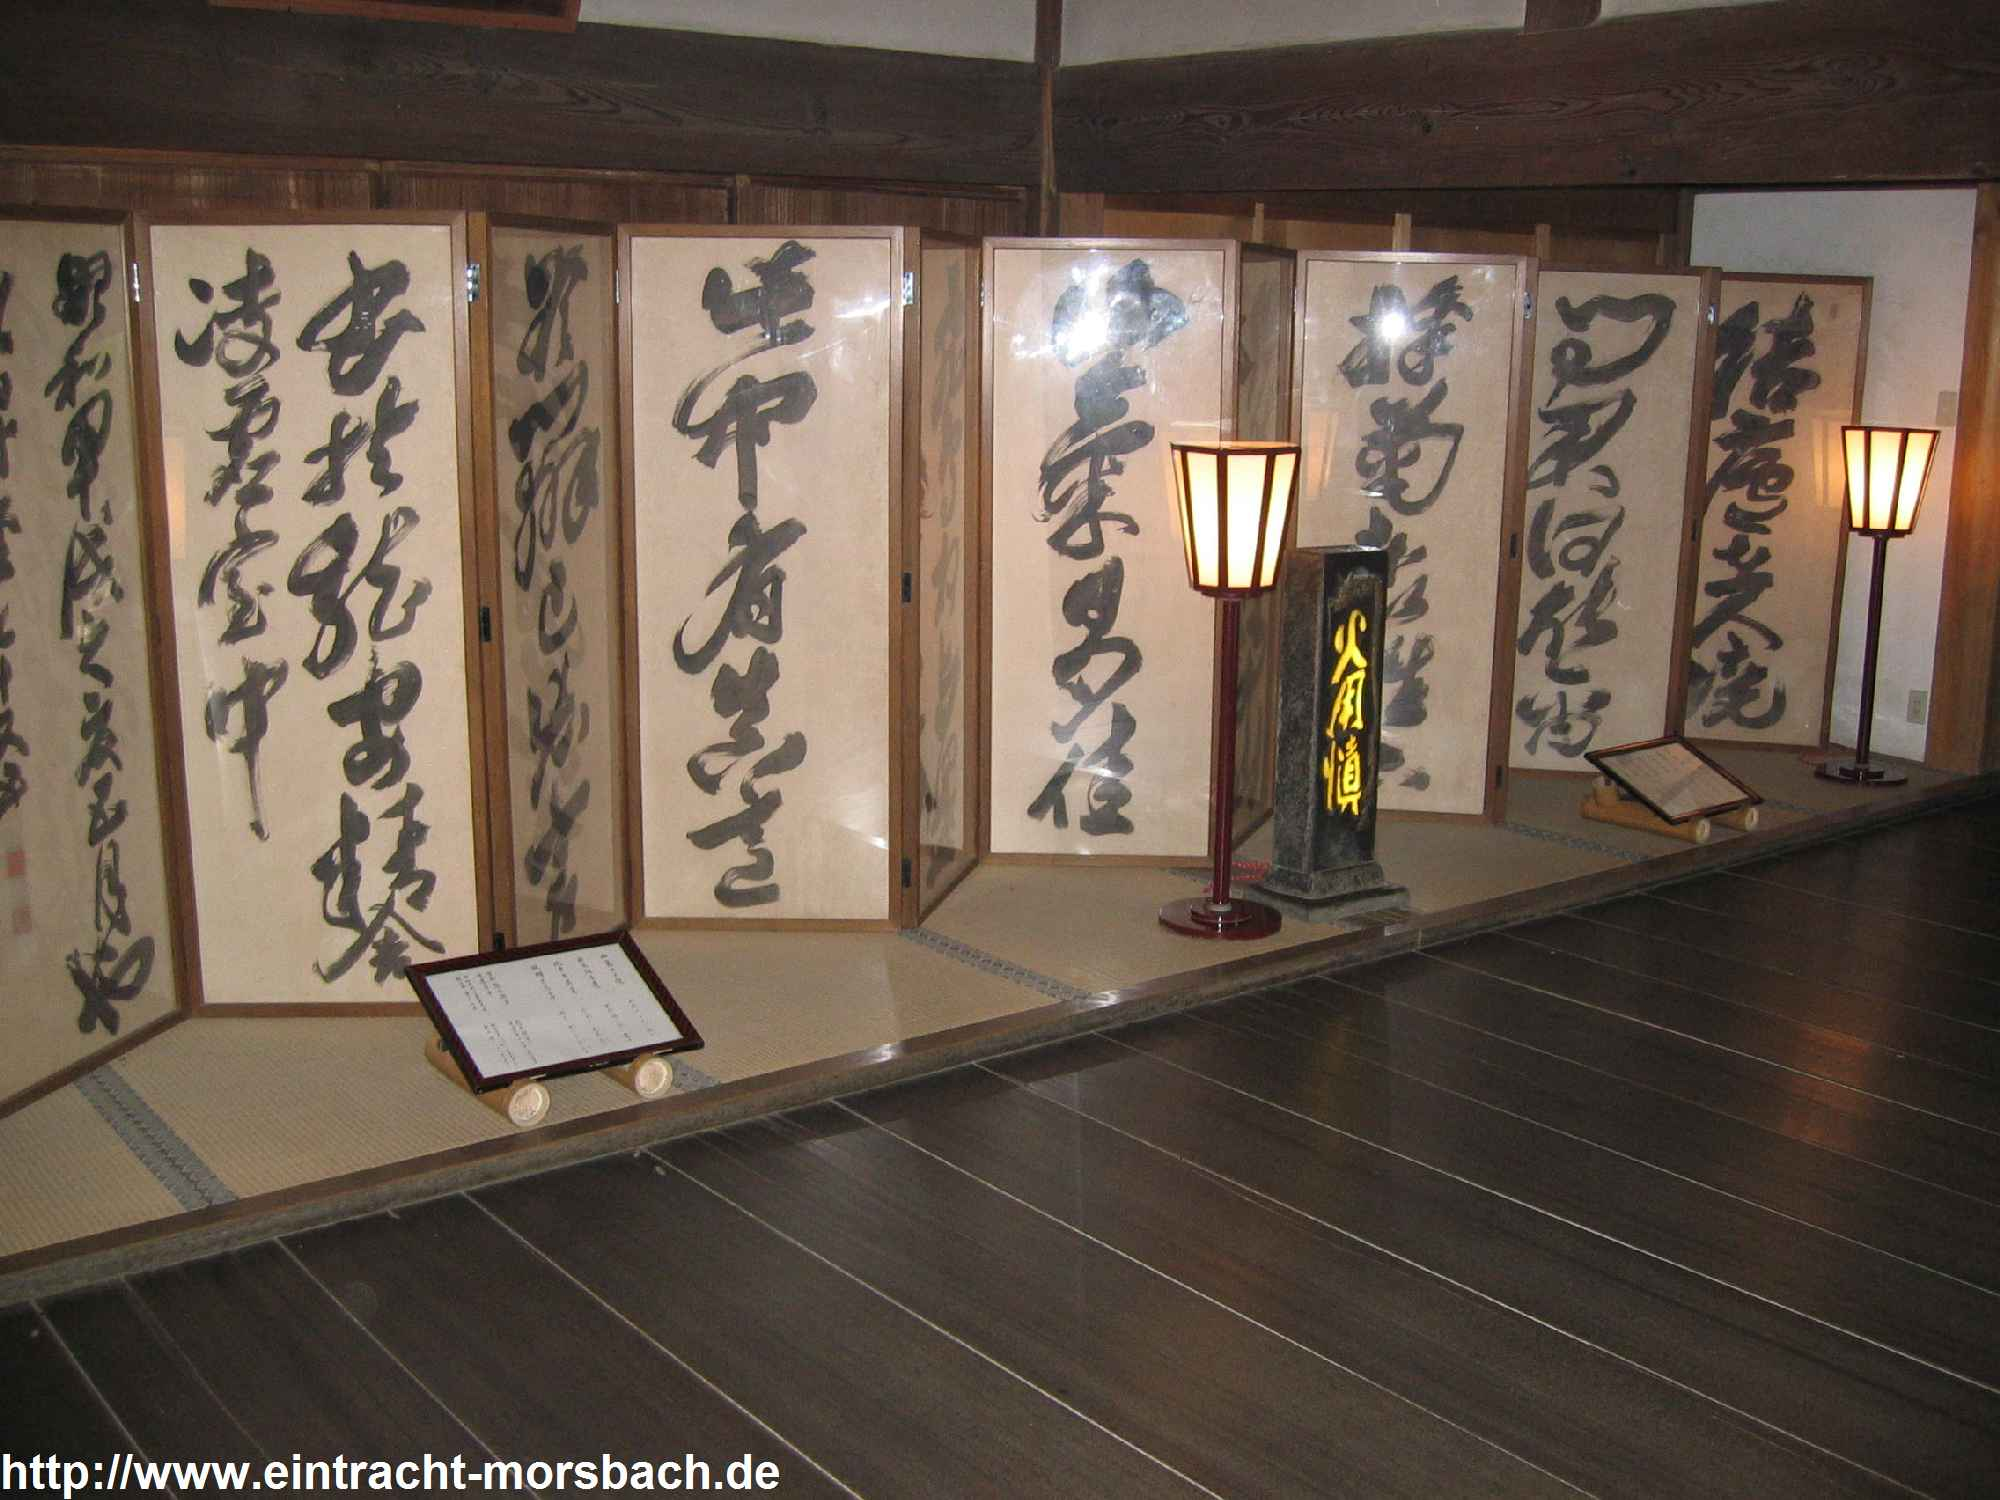 japanreise-2005-180